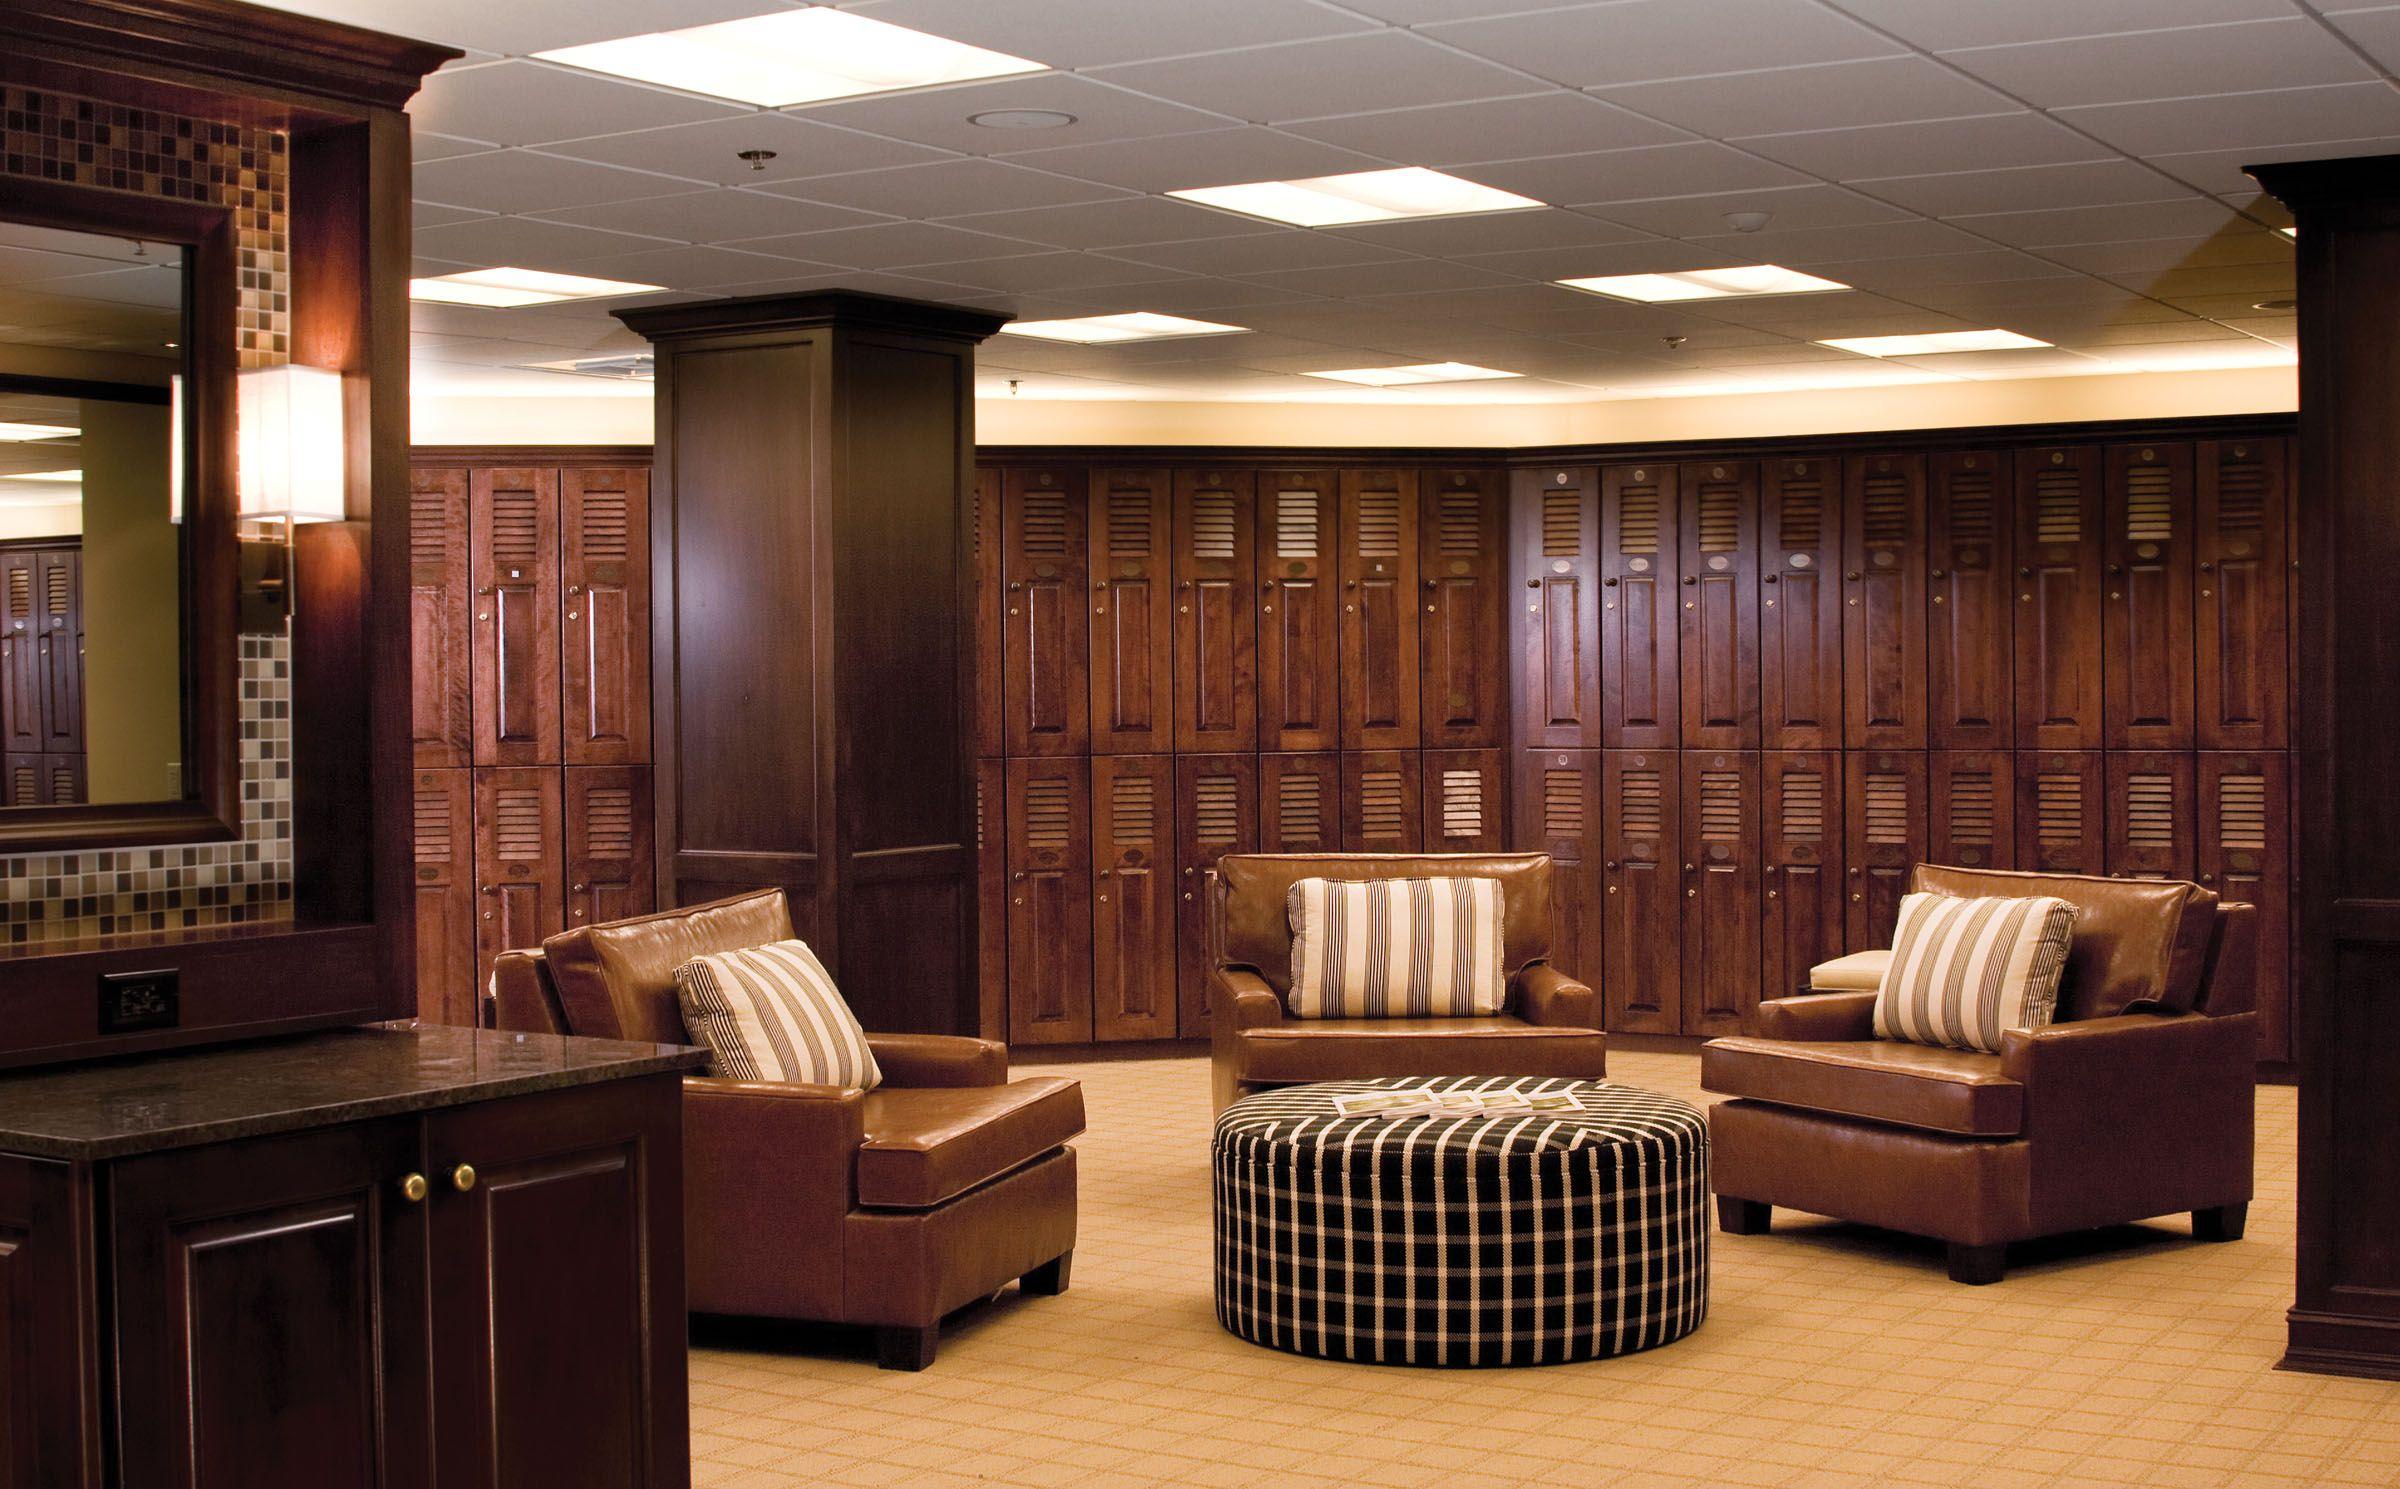 Pga Members Locker Room At Pga National Resort  Spa  -7466